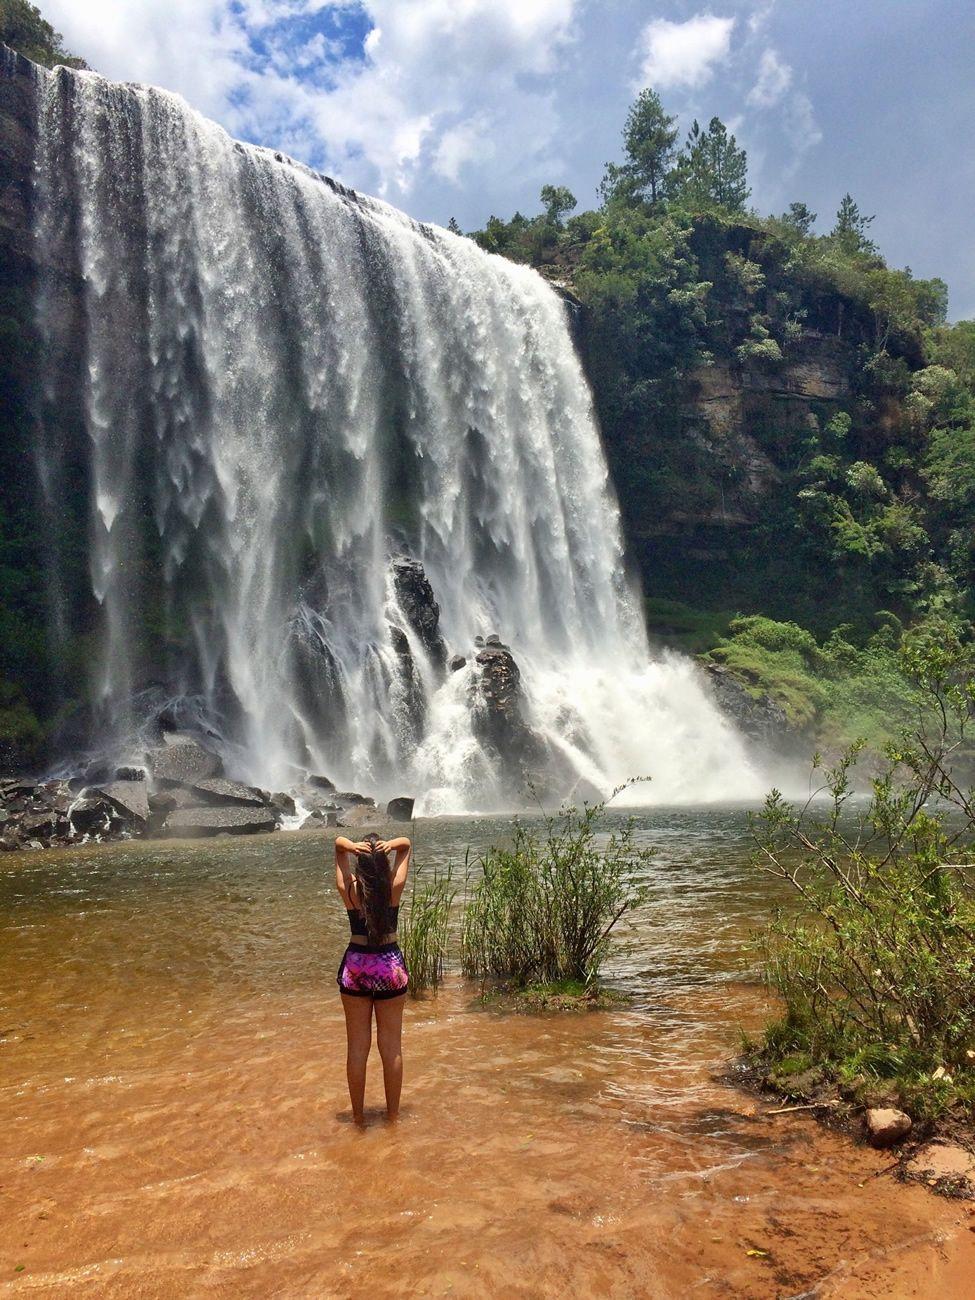 cachoeira-do-sobradinho-senges-itarare-marleiturismo.jpg